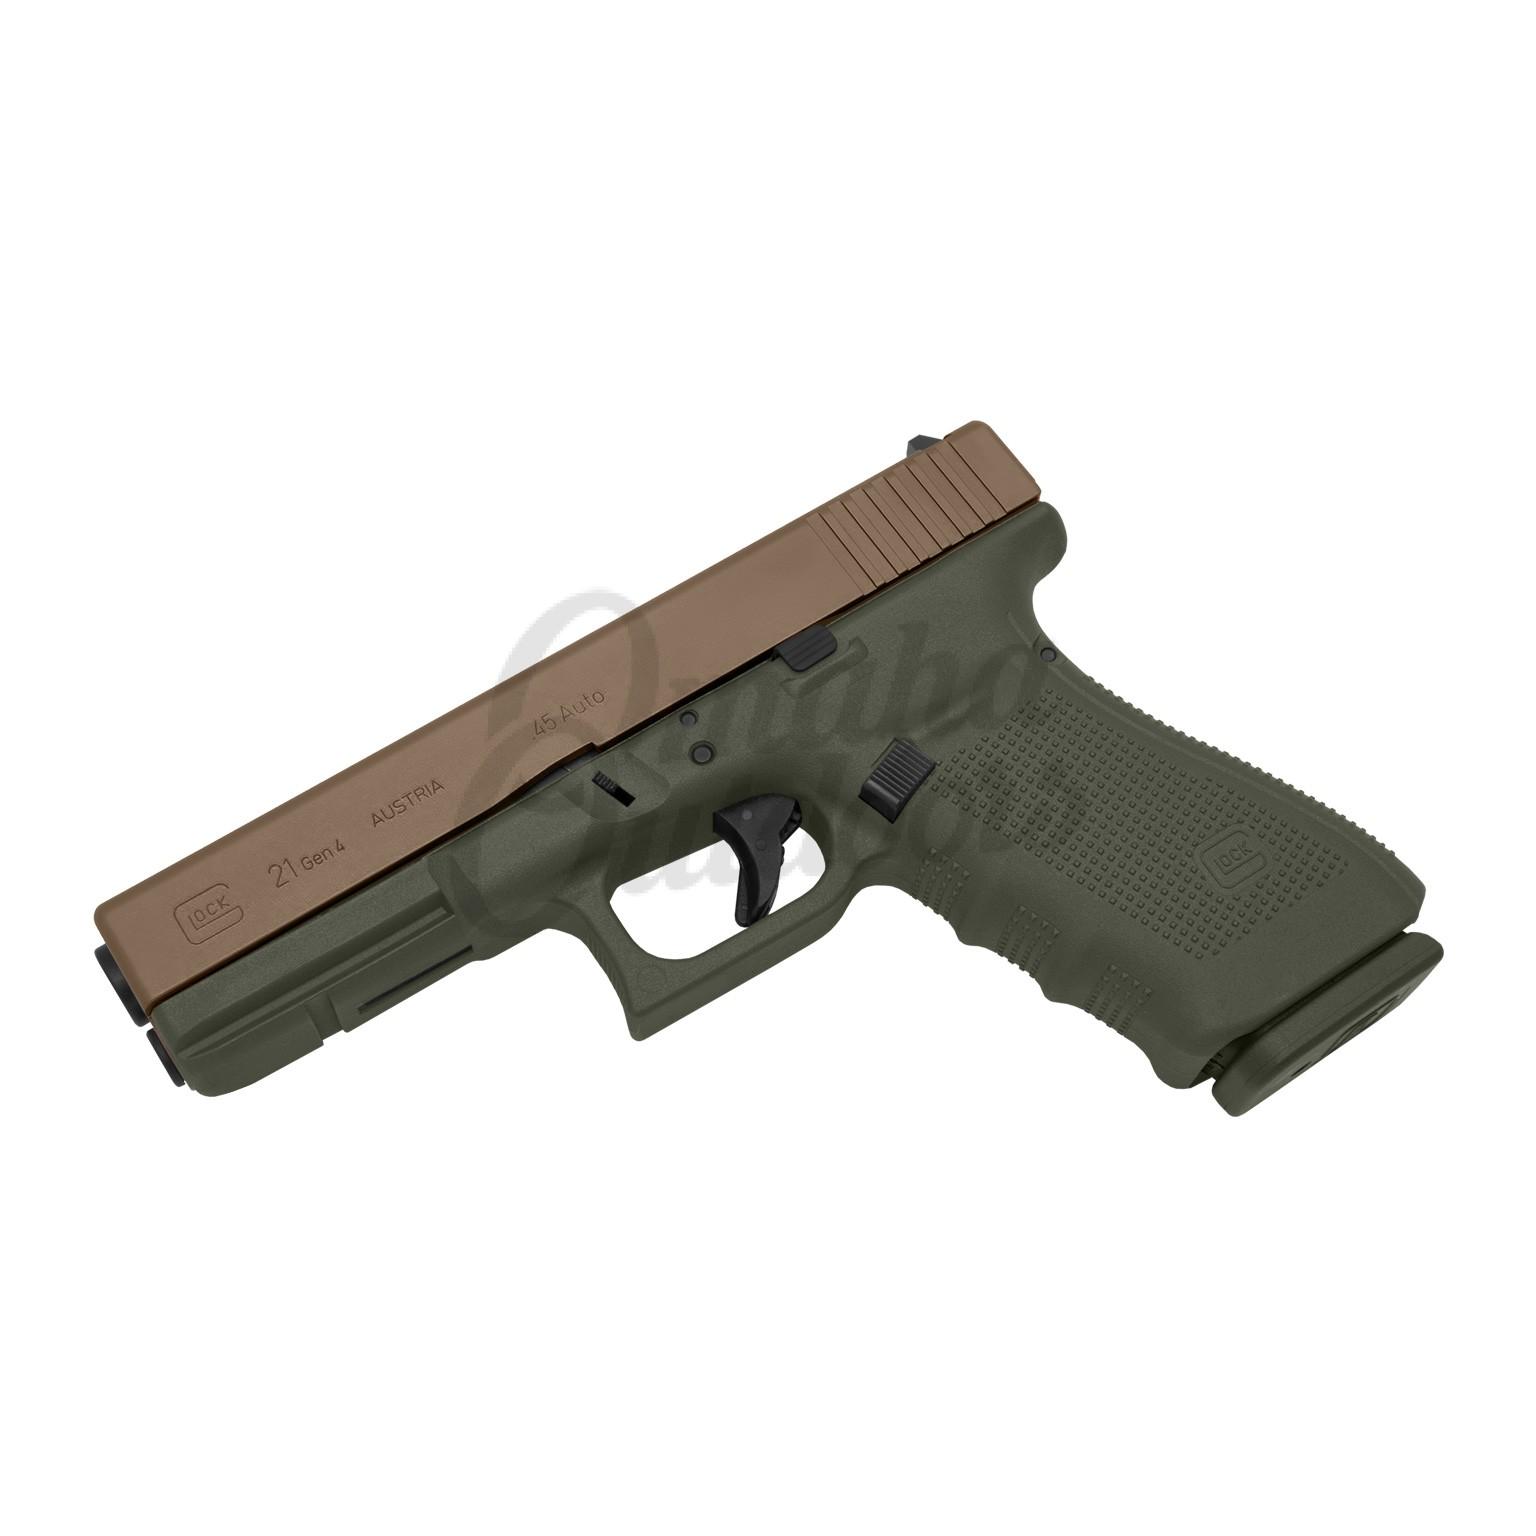 Glock 21 Gen 4 OD Green Pistol 45 ACP Magpul FDE Slide 13 RD